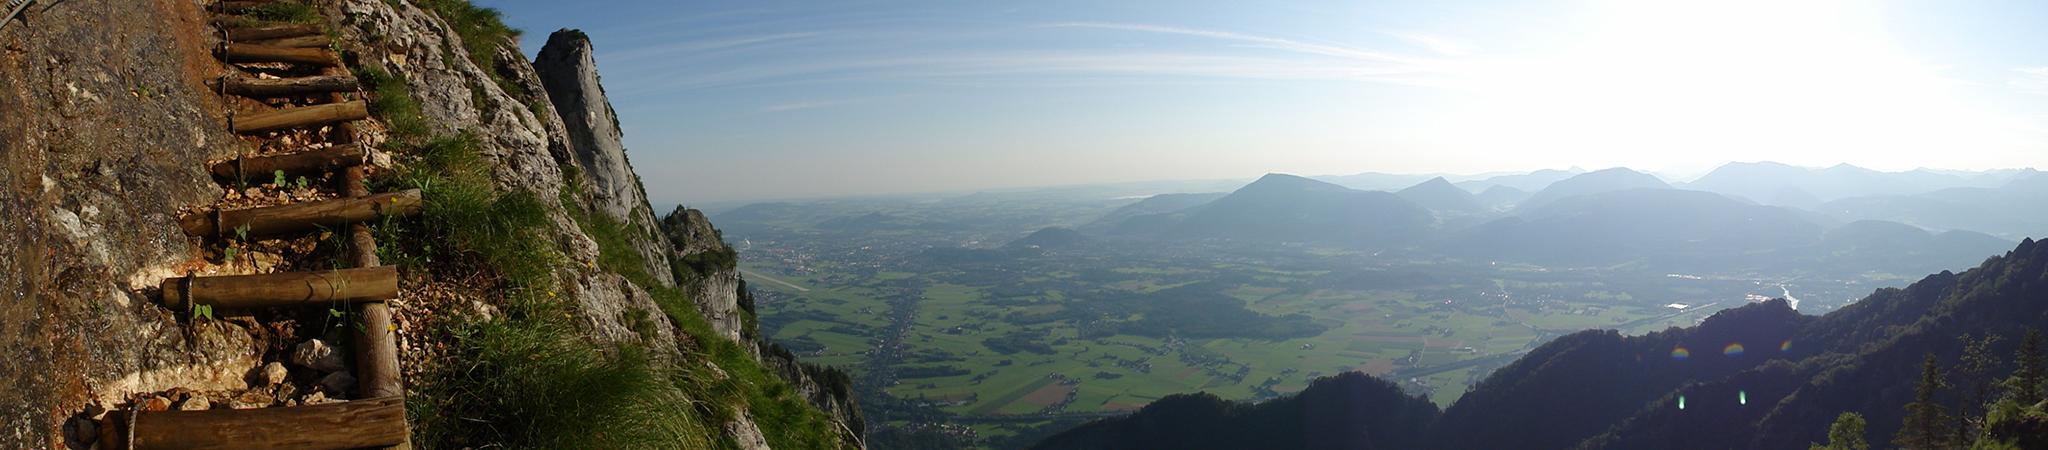 Arnoweg: Die Stiegen des Doppler-Steigs auf den Untersberg mit Ausblick über Salzburg